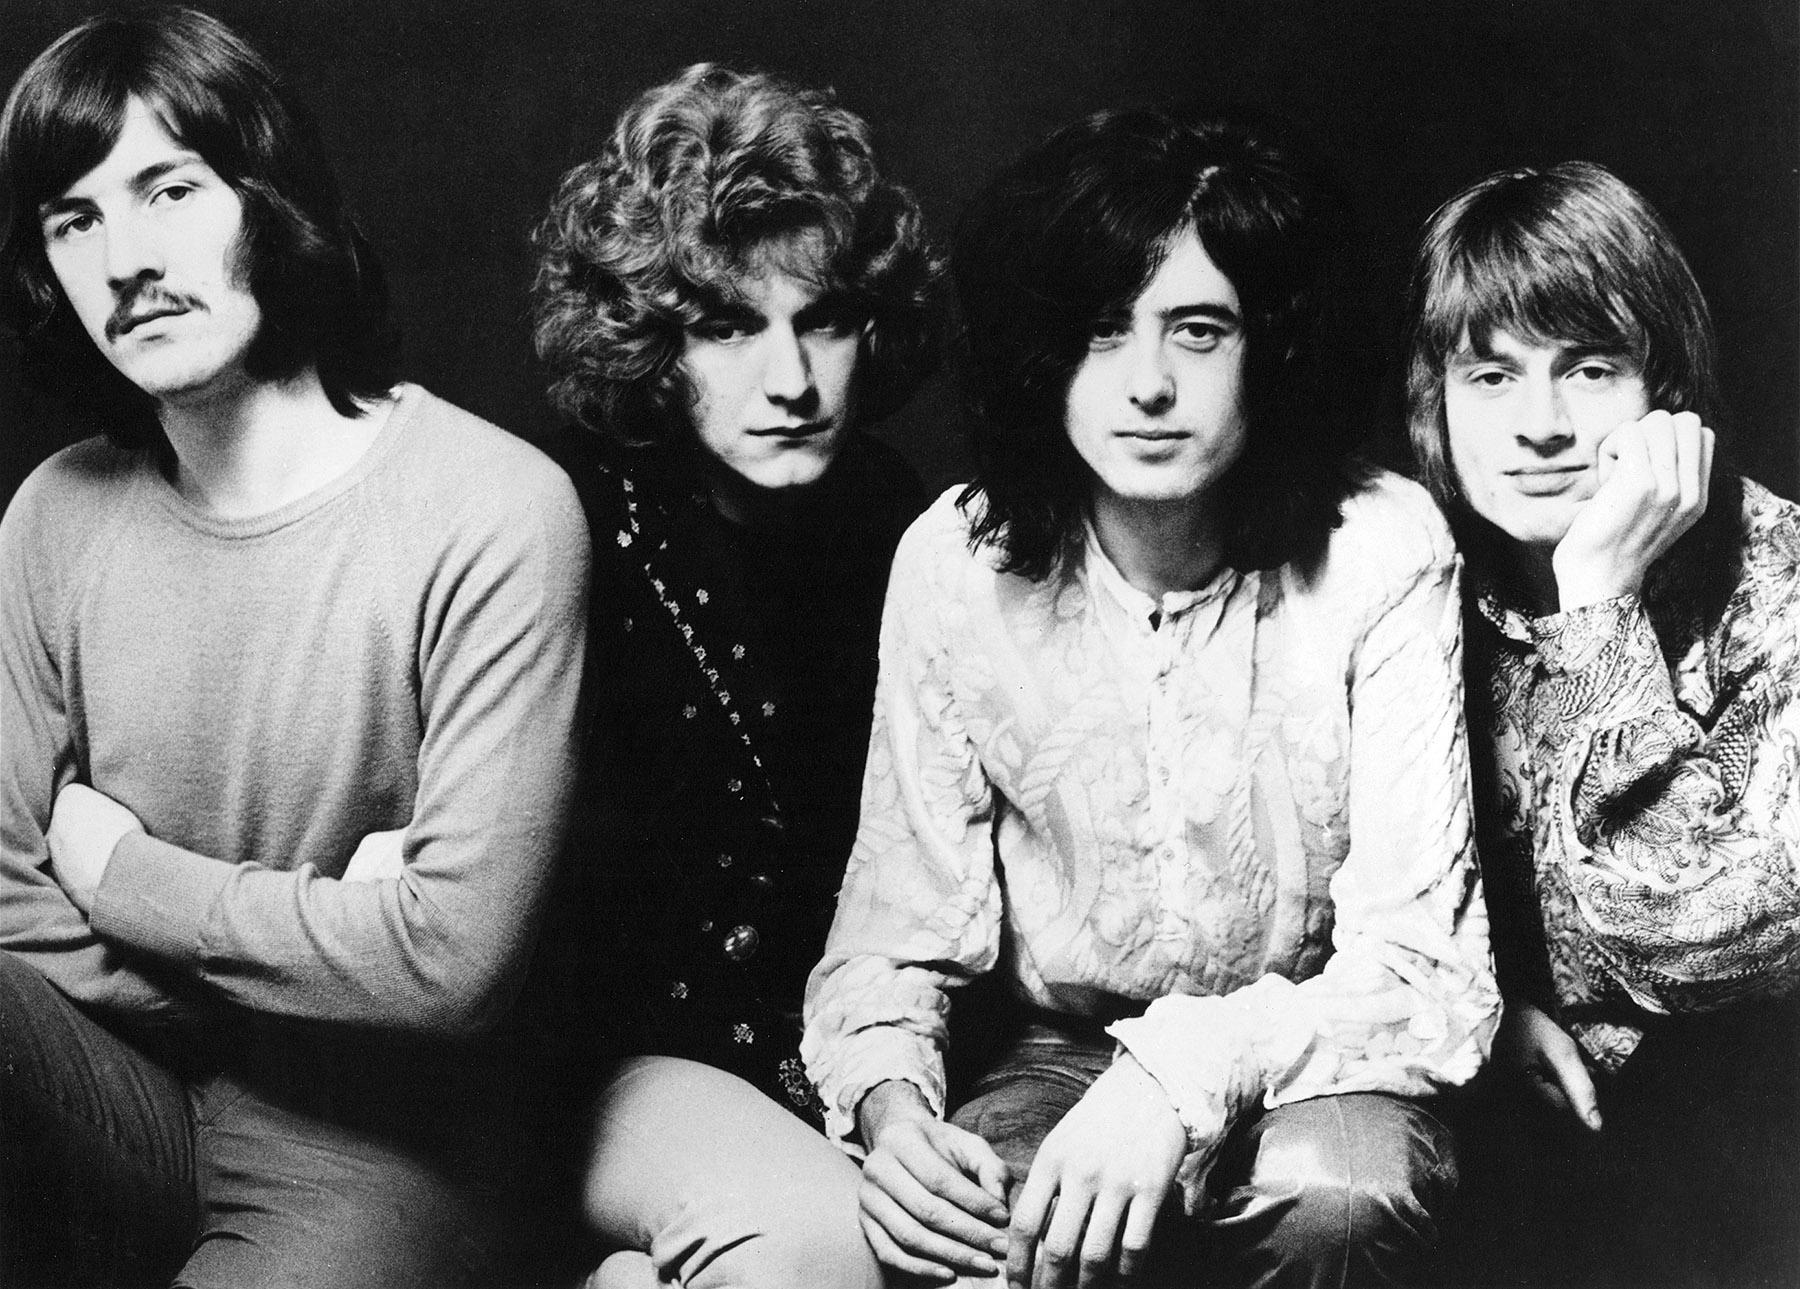 4. Led Zeppelin (130 dB)